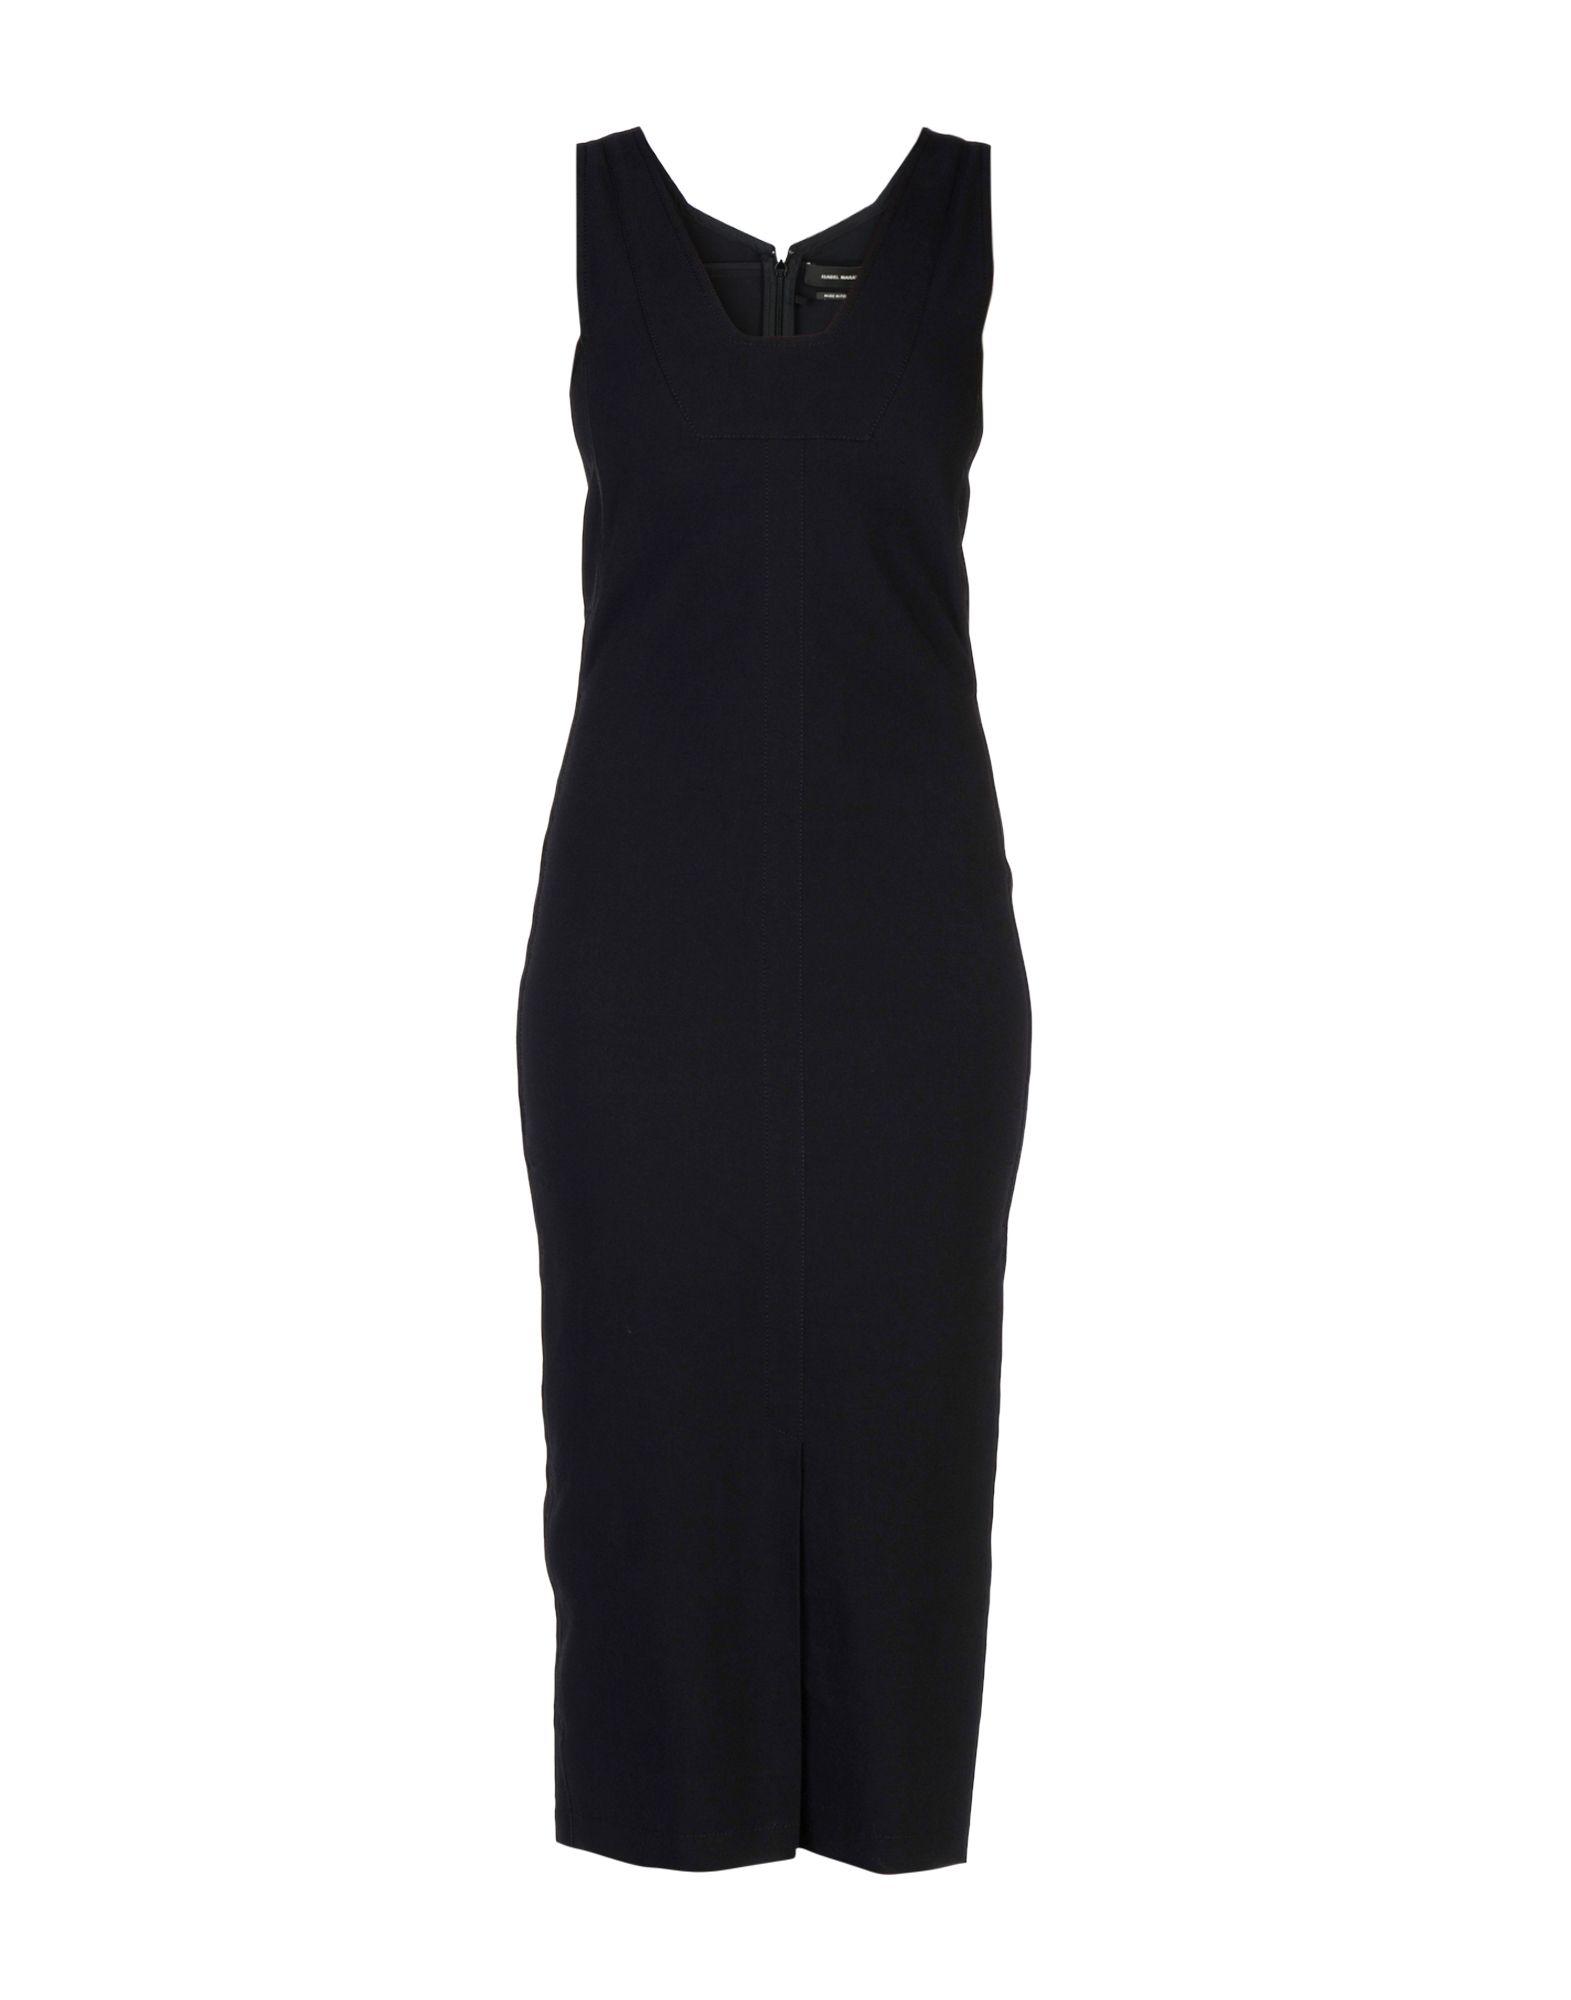 Vestito Longuette Isabel Marant Donna - Acquista online su LF3Qd5ZXy